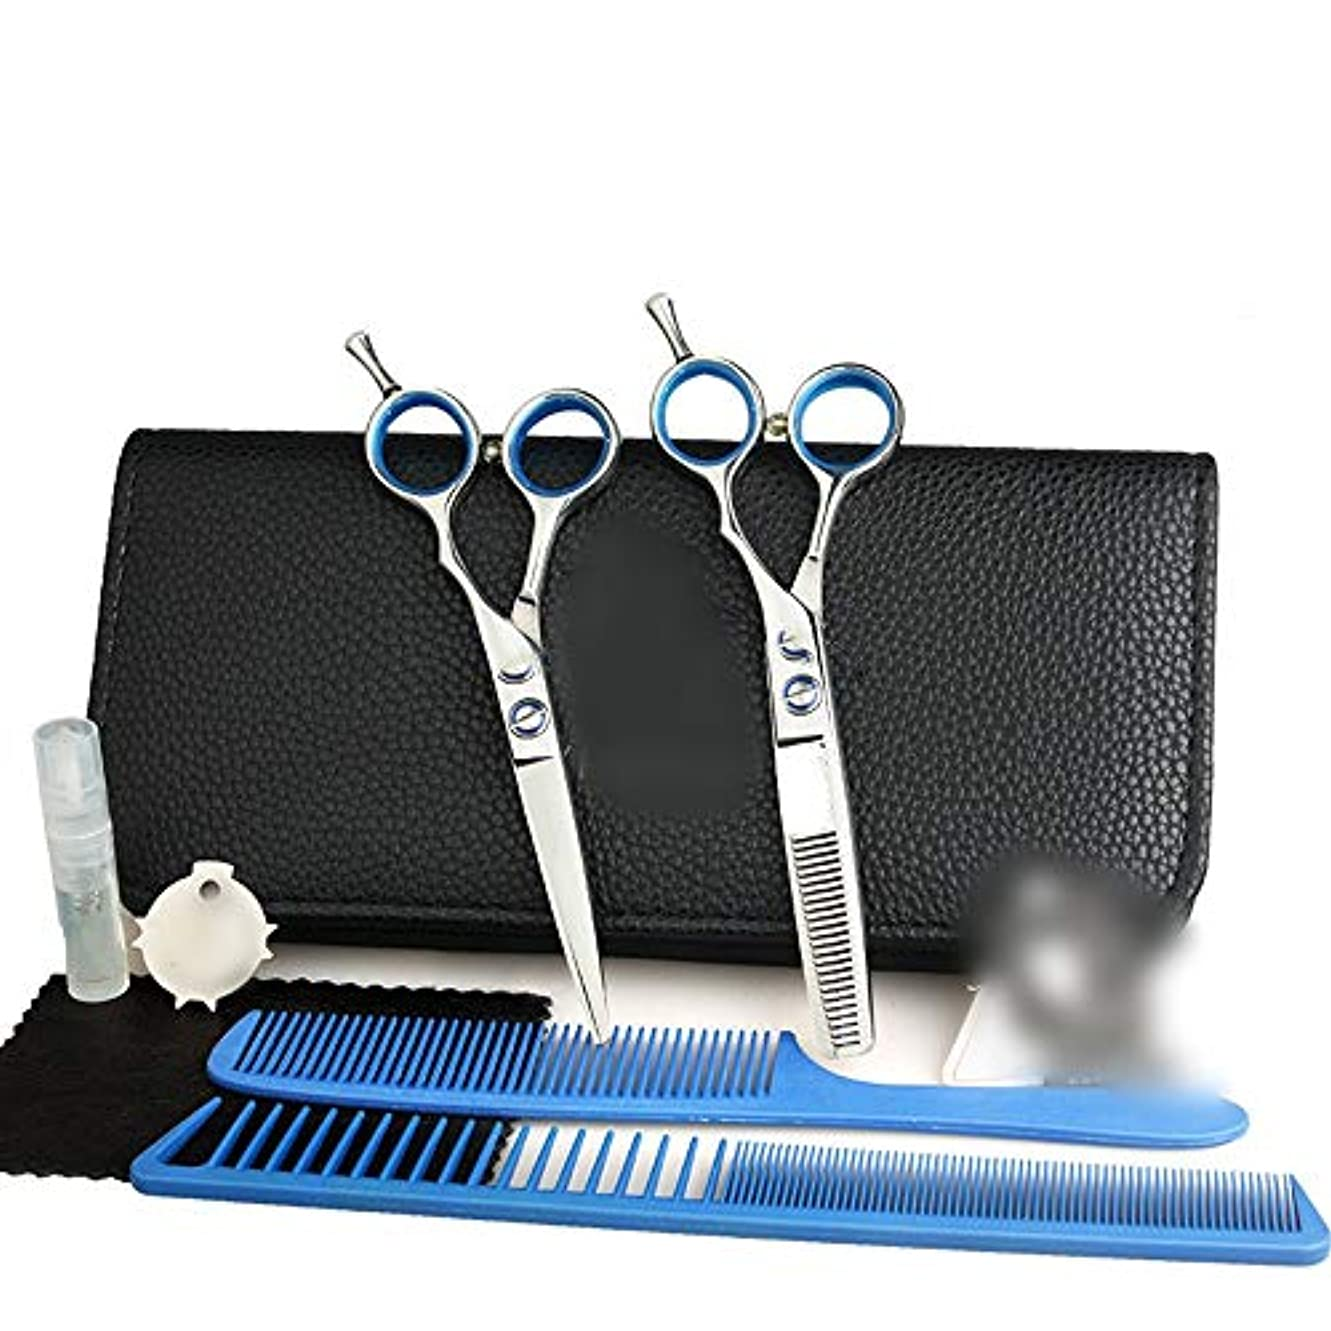 食い違いスポーツパンフレットGoodsok-jp 5.5インチ理髪はさみセット、平らな歯のはさみ理髪はさみセット (色 : Silver)